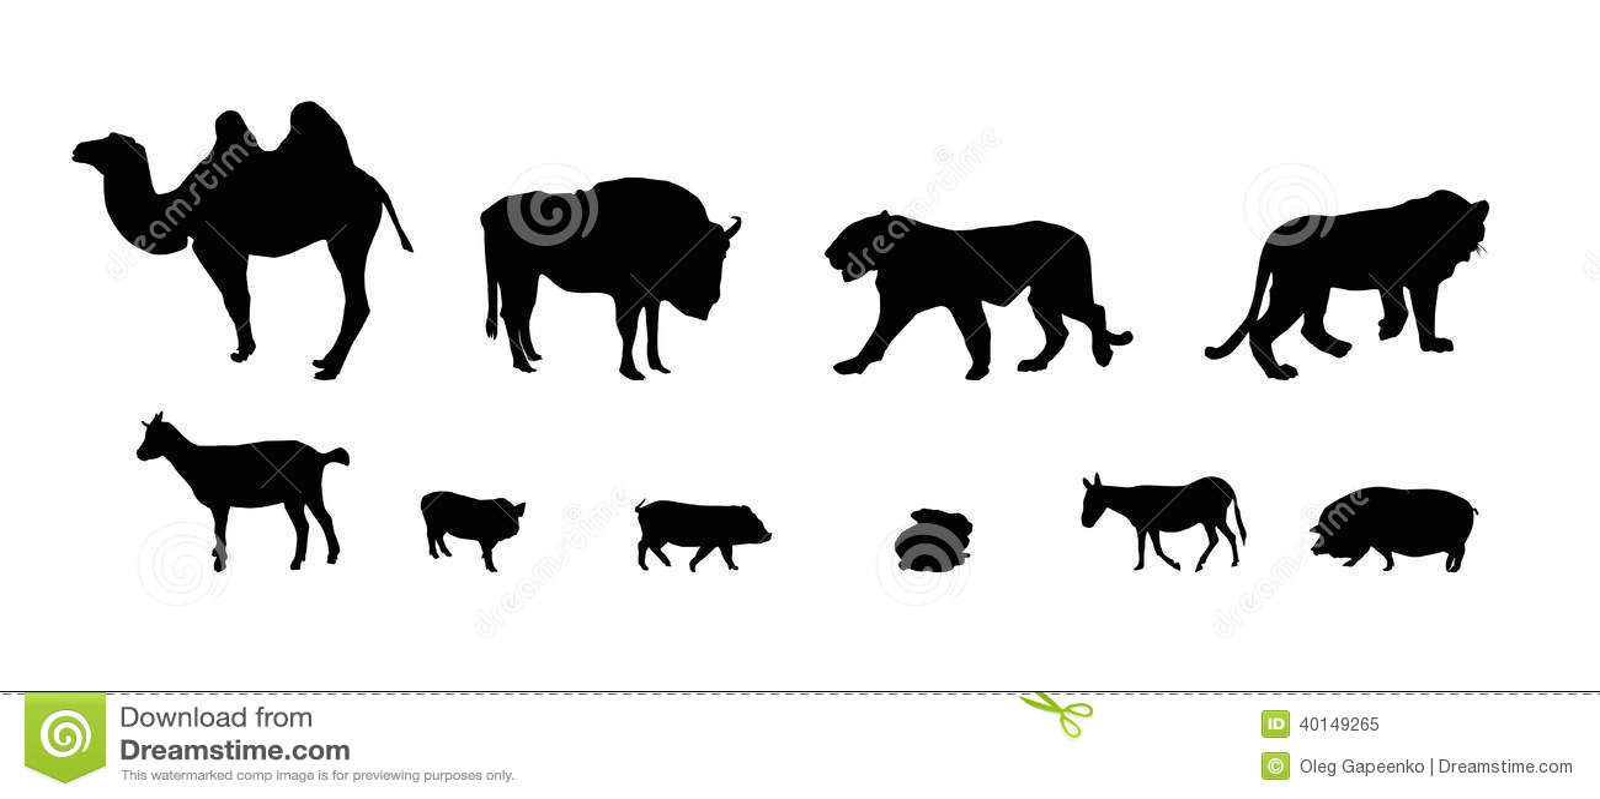 Silueta De Animales Salvajes Y Domésticos. Negro Y Blanco